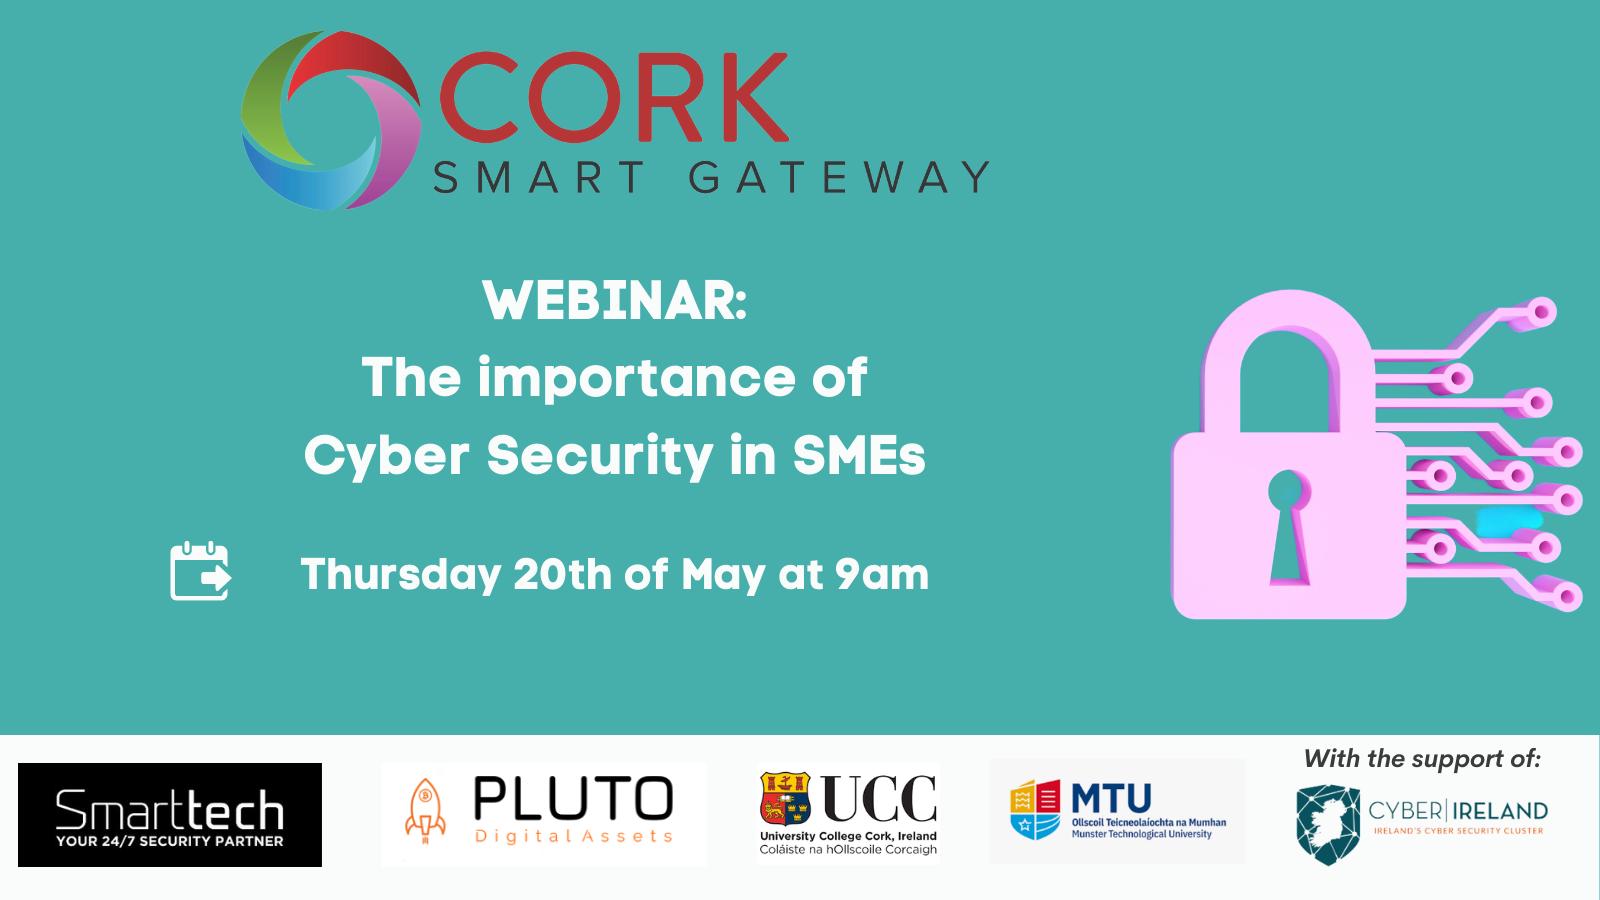 Cork Smart Gateway